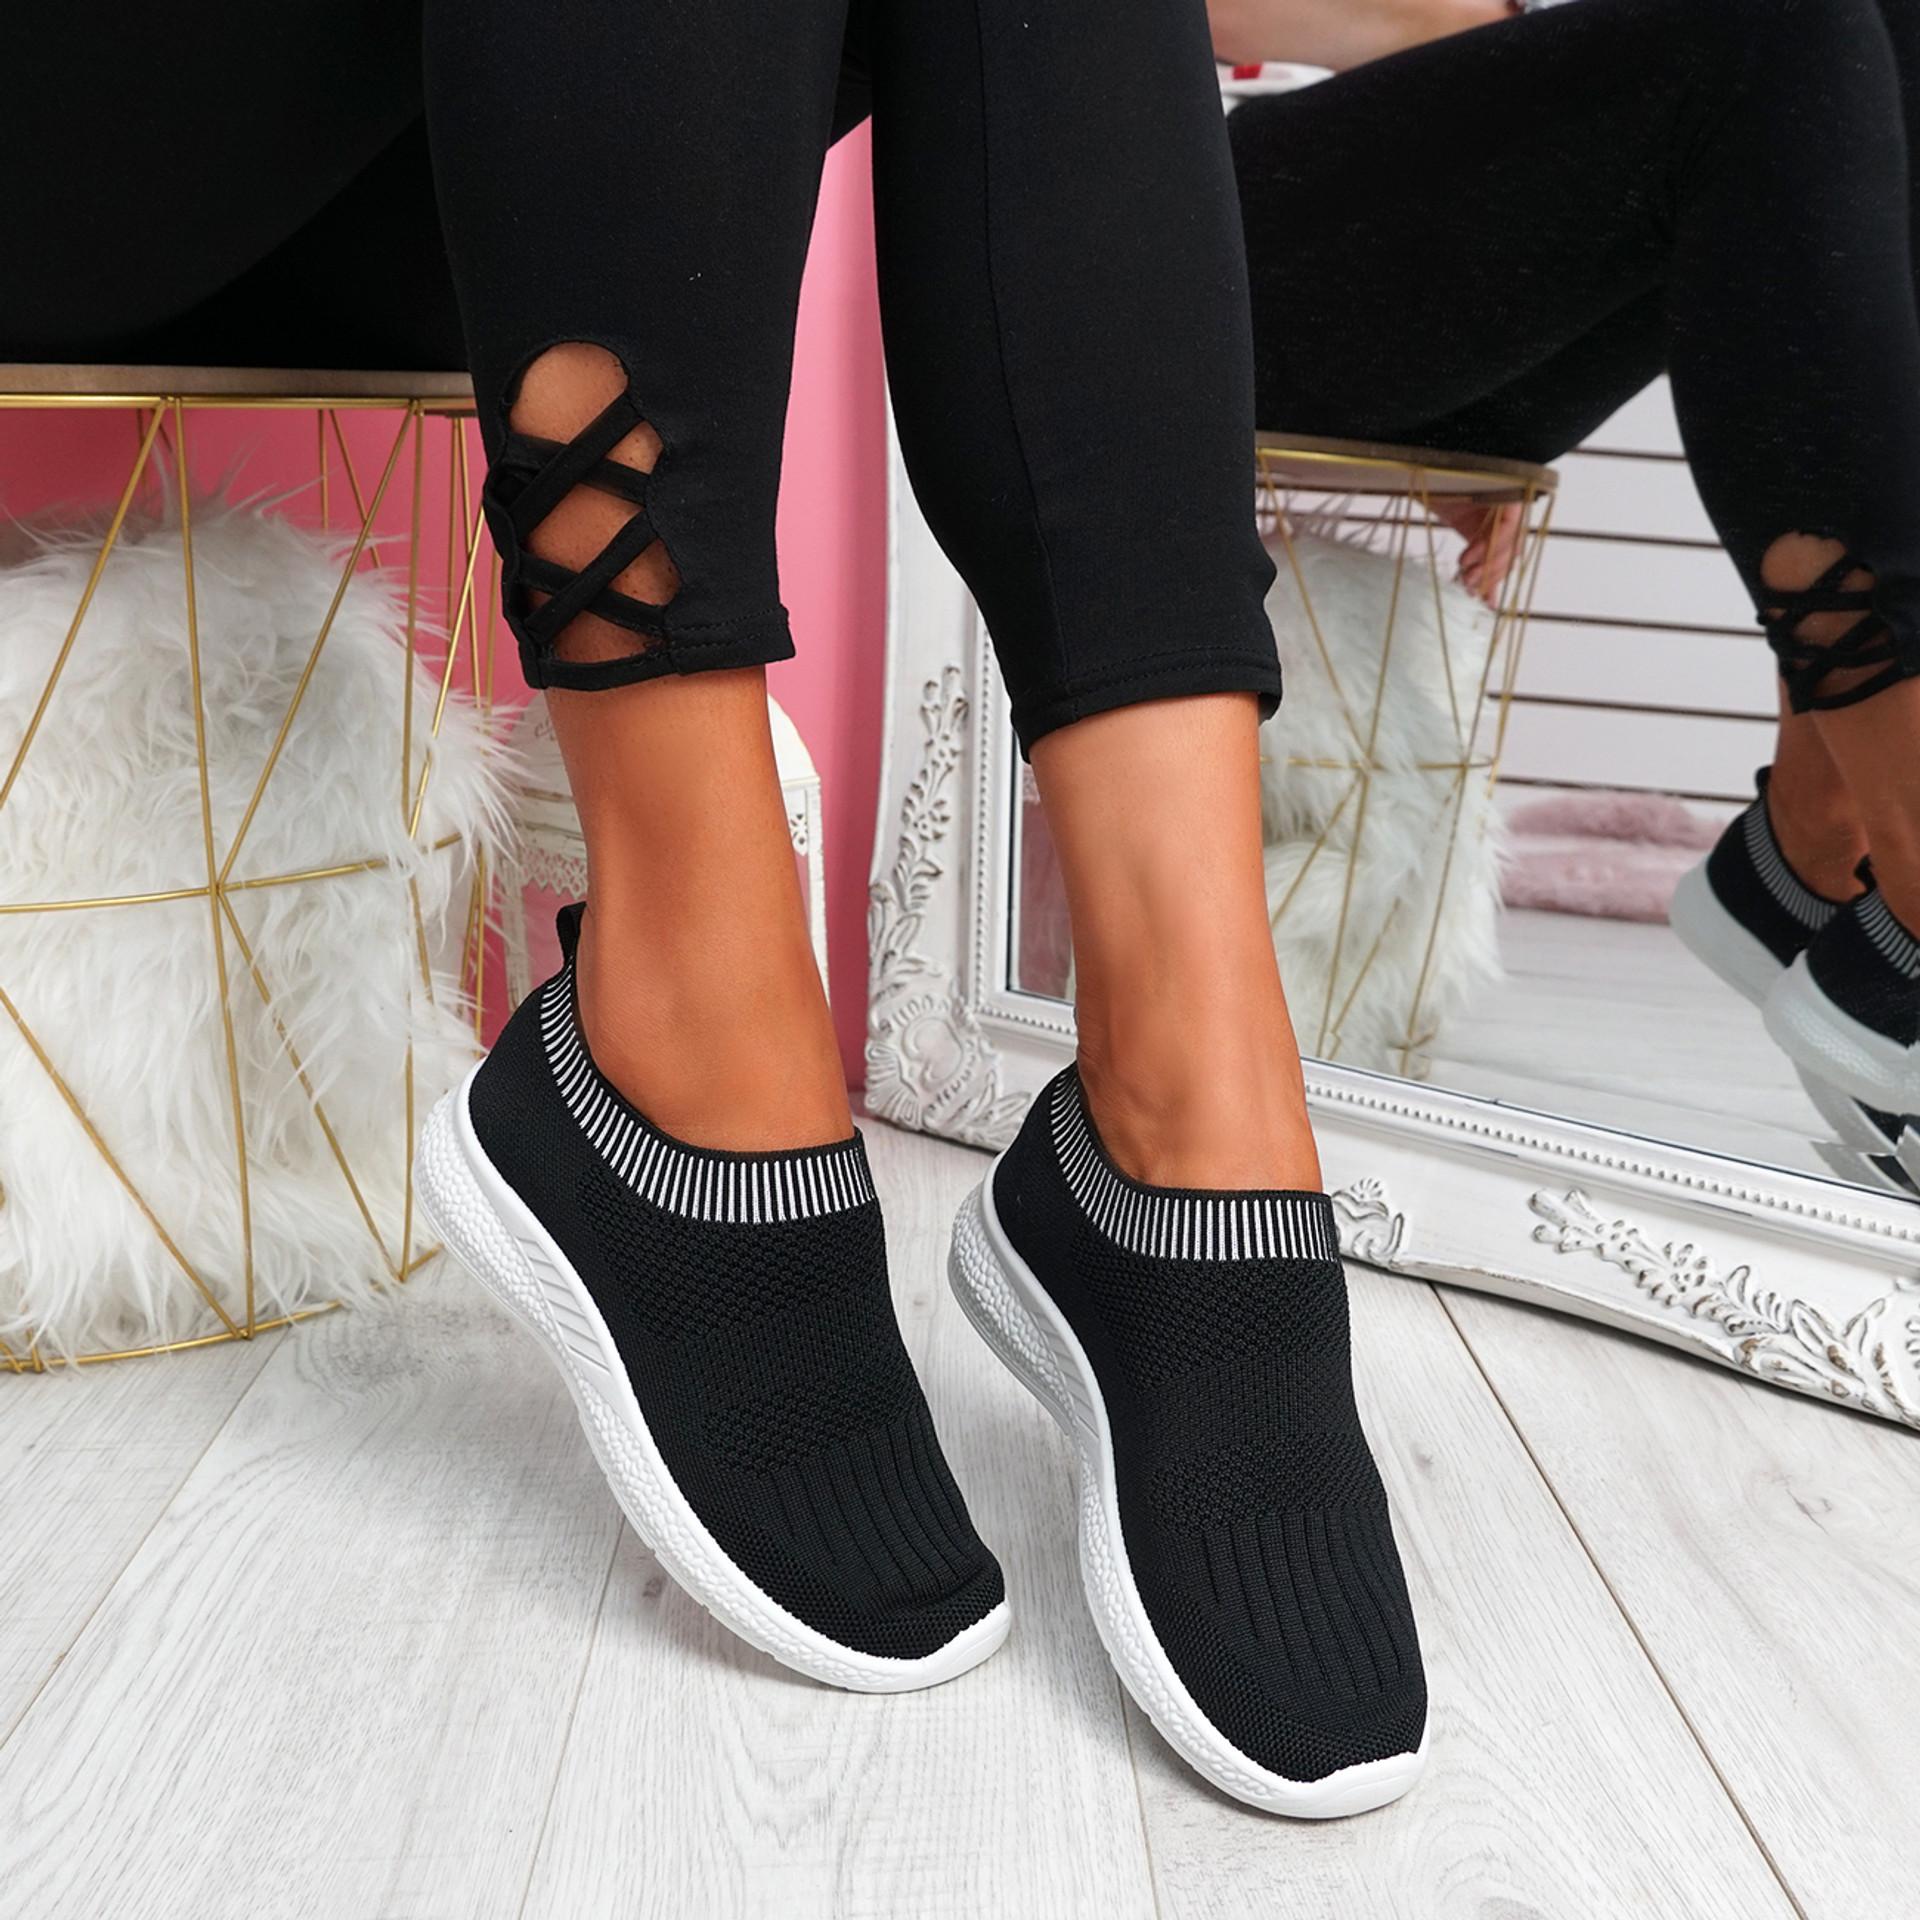 Nurya Black Knit Slip On Trainers